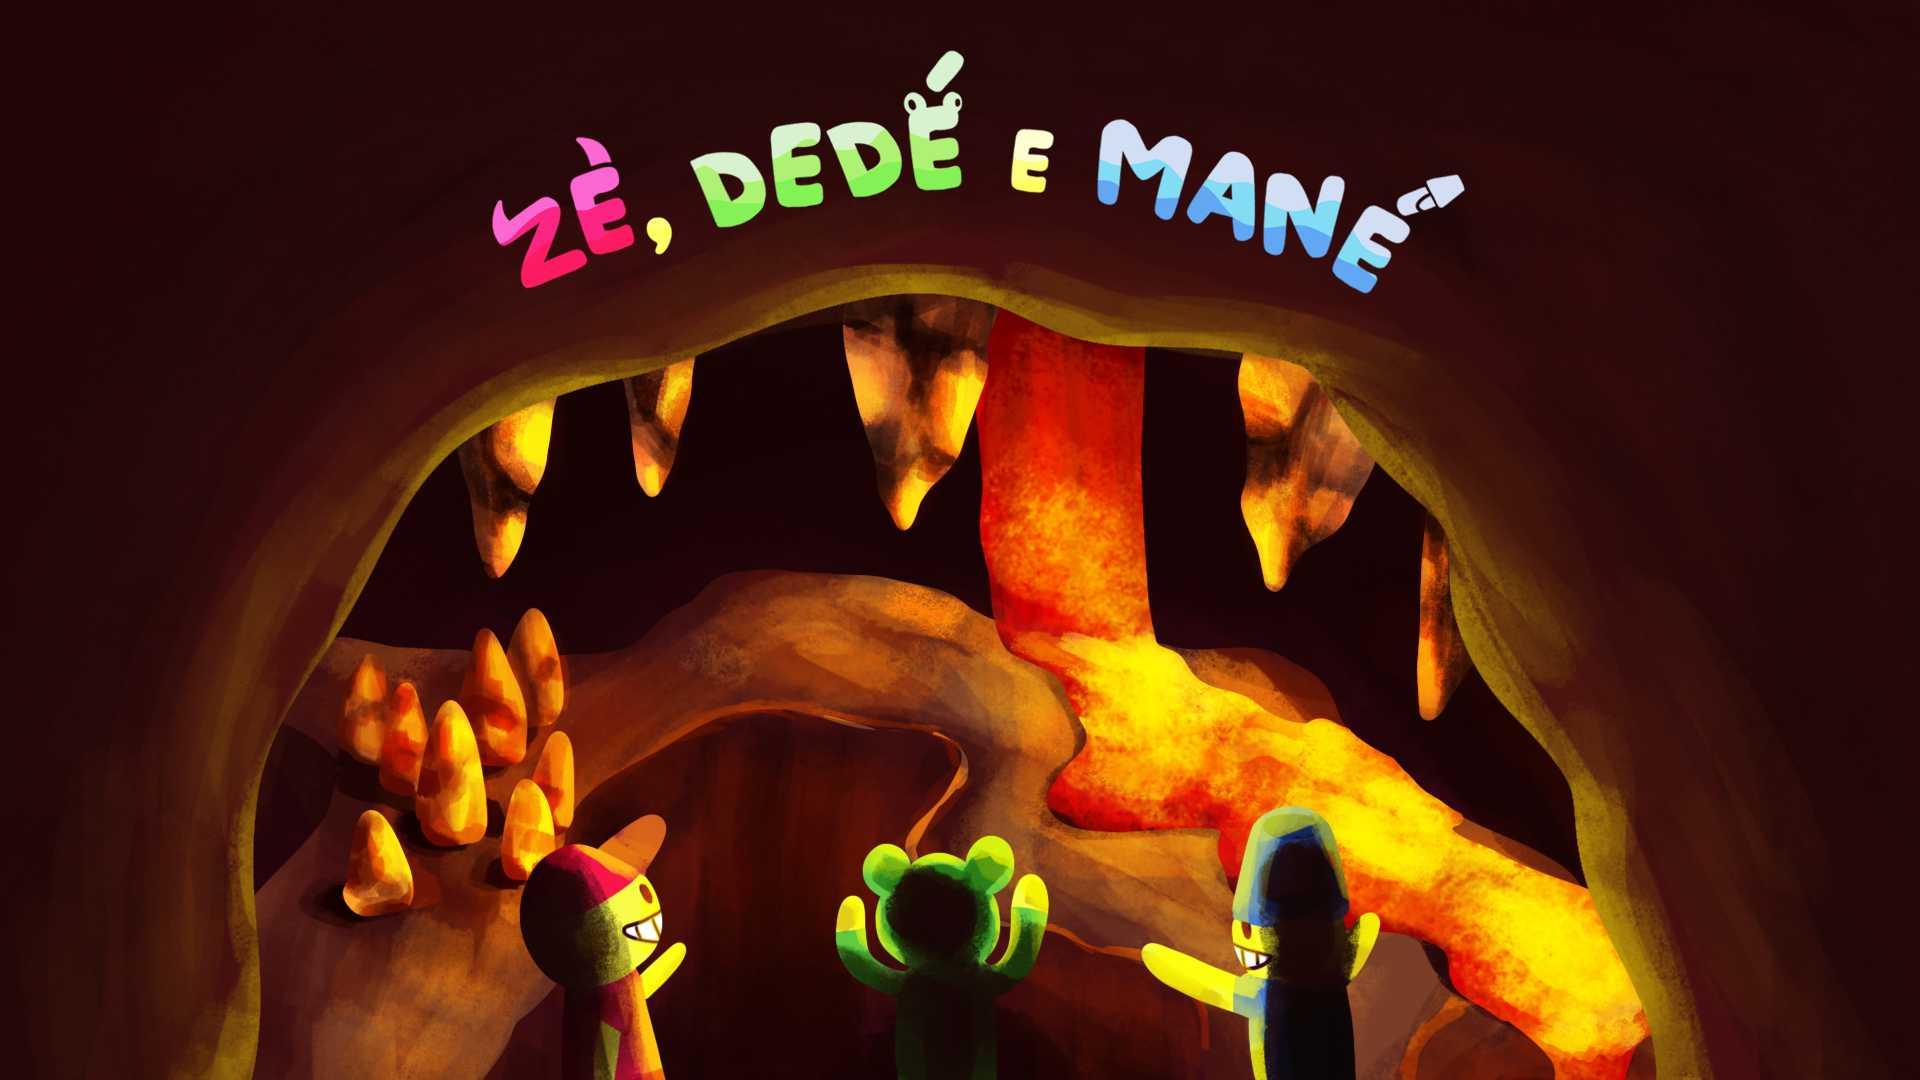 Zé, Dedé e Mané